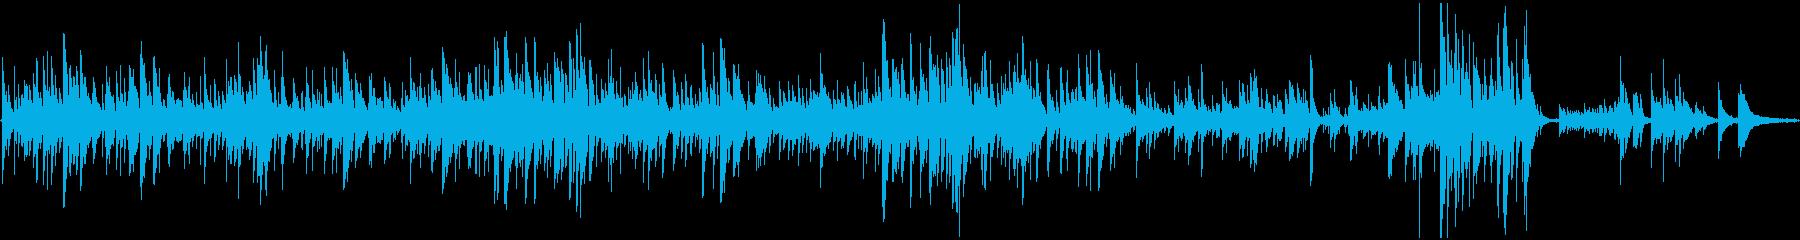 ギターで弾くショパンのノクターンの再生済みの波形